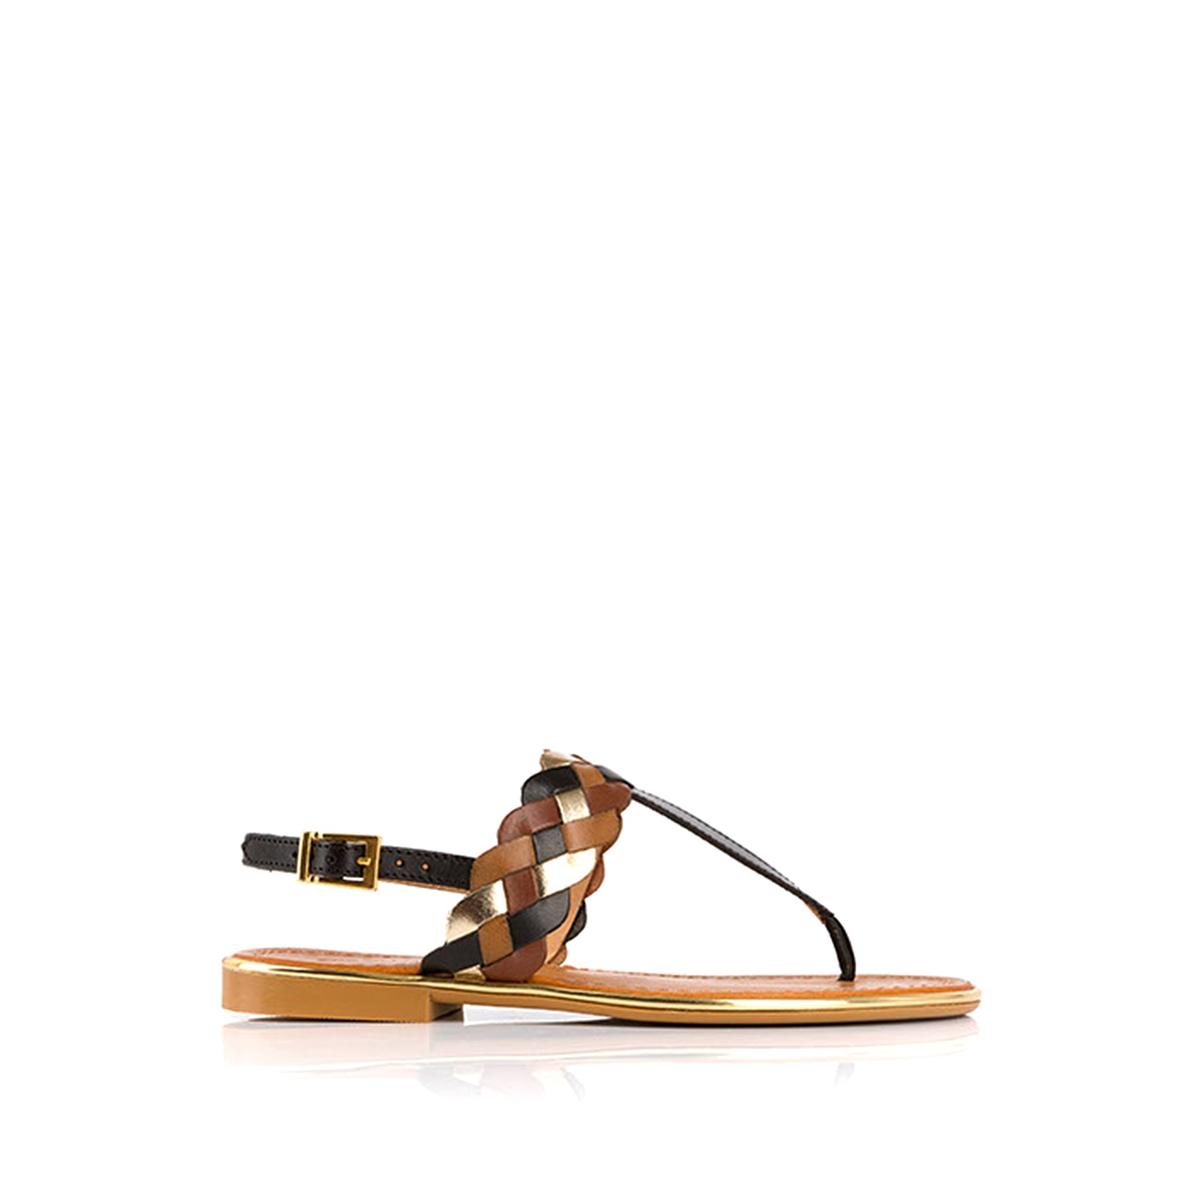 Босоножки кожаные BapoВерх: кожа.    Подкладка: кожа.    Стелька: кожа.    Подошва: синтетика.Высота каблука: 1 см.    Форма каблука: плоский каблук.Мысок: закругленный.    Застежка: пряжка.<br><br>Цвет: темно-бежевый / черный,темно-бежевый/розовый<br>Размер: 39.38.40